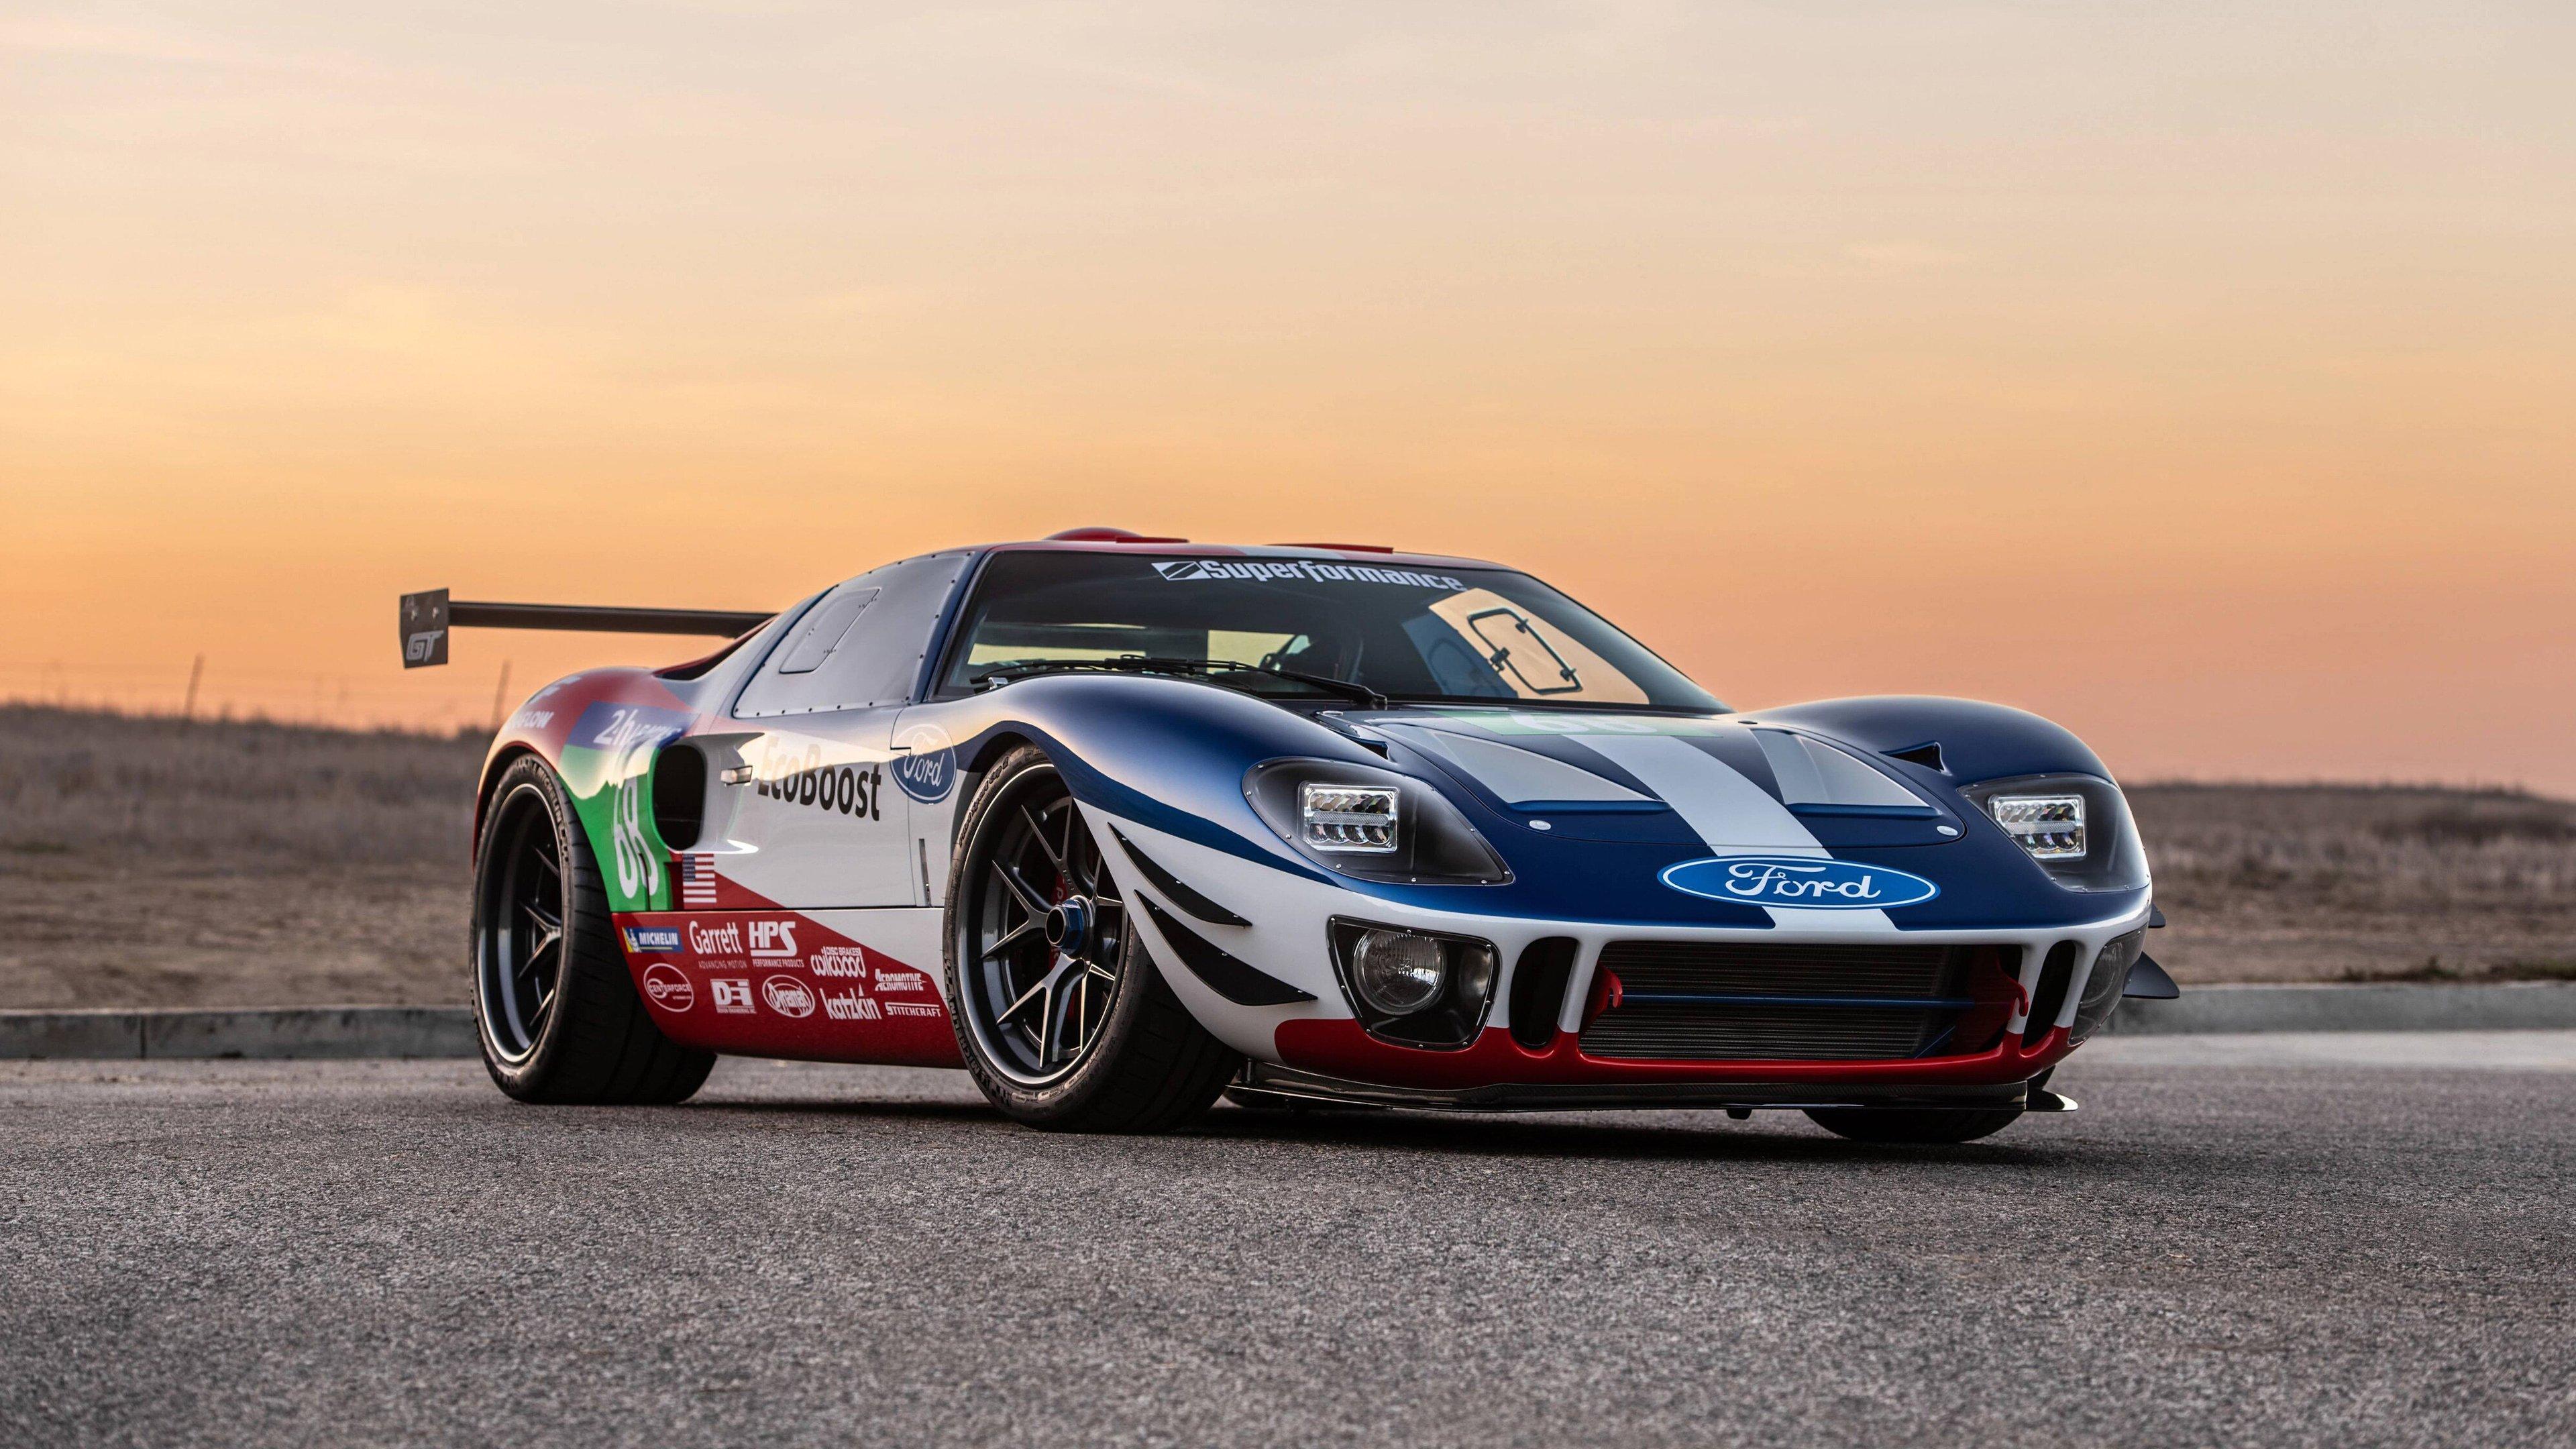 4K专区,跑车,比赛,福特